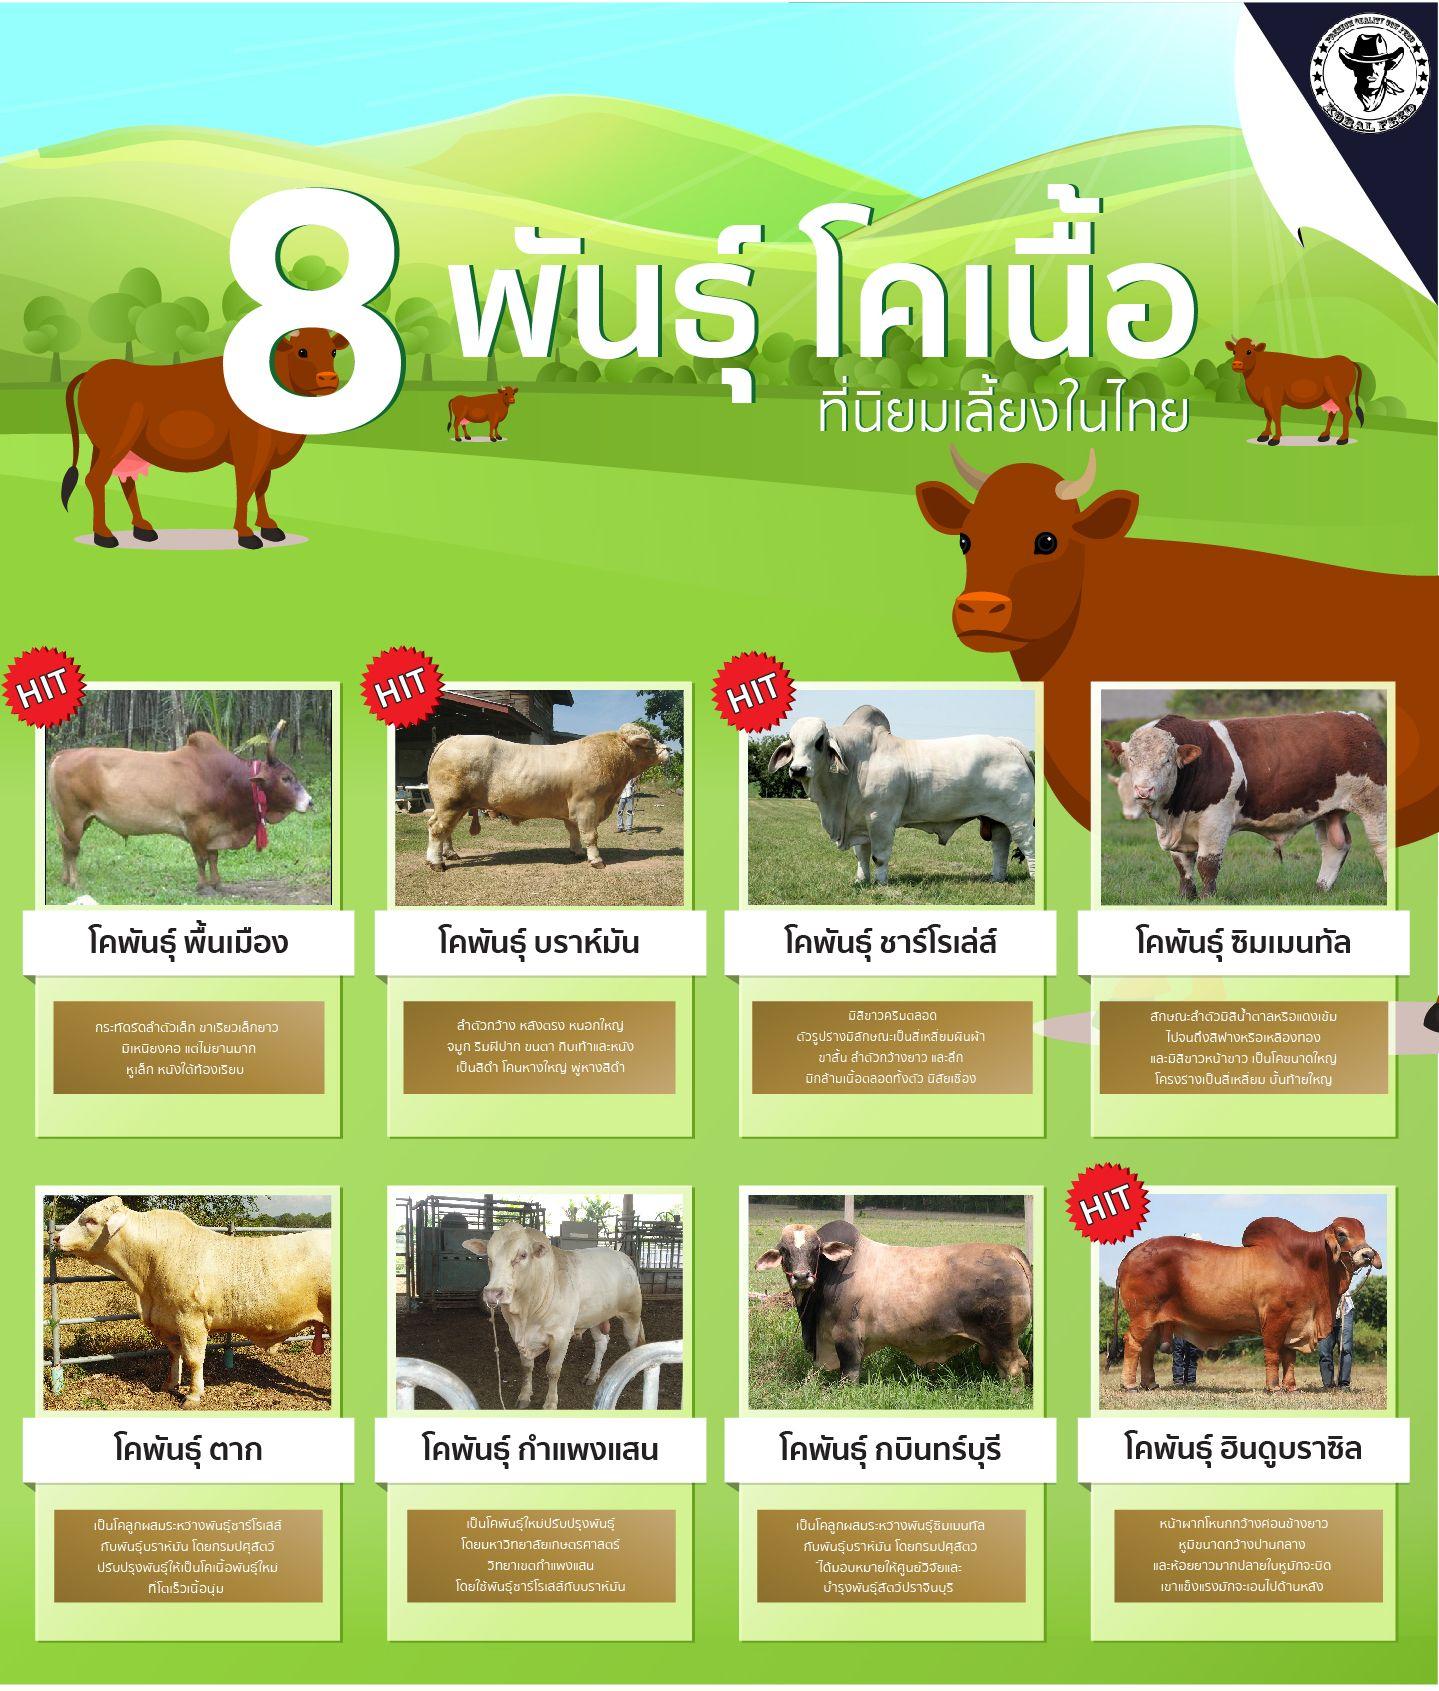 พ นธ โคเน อ ท น ยมเล ยงในประเทศไทย Nb Distribution Co Ltd ขาวดำ แบบสวน ออสเตรเล ย